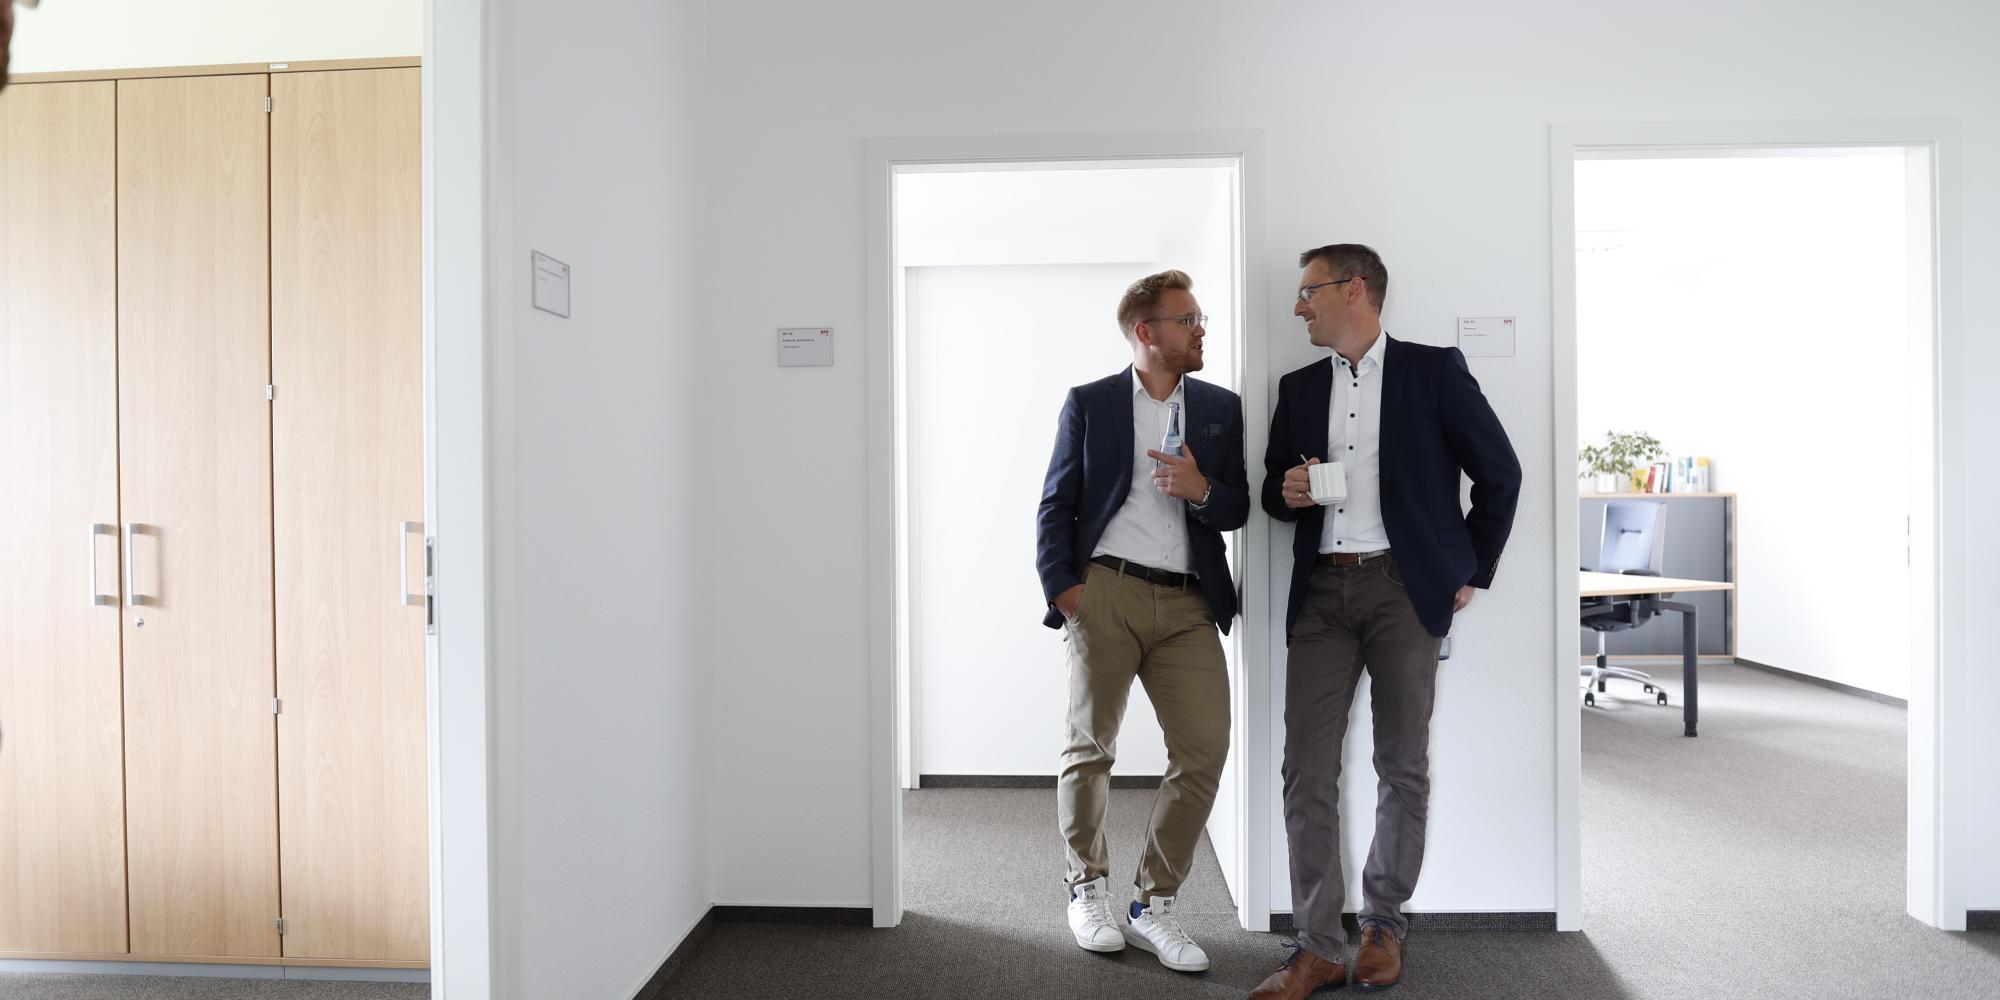 Zwei Männer unterhalten sich lässig am Türrahmen angelehnt im Büroflur